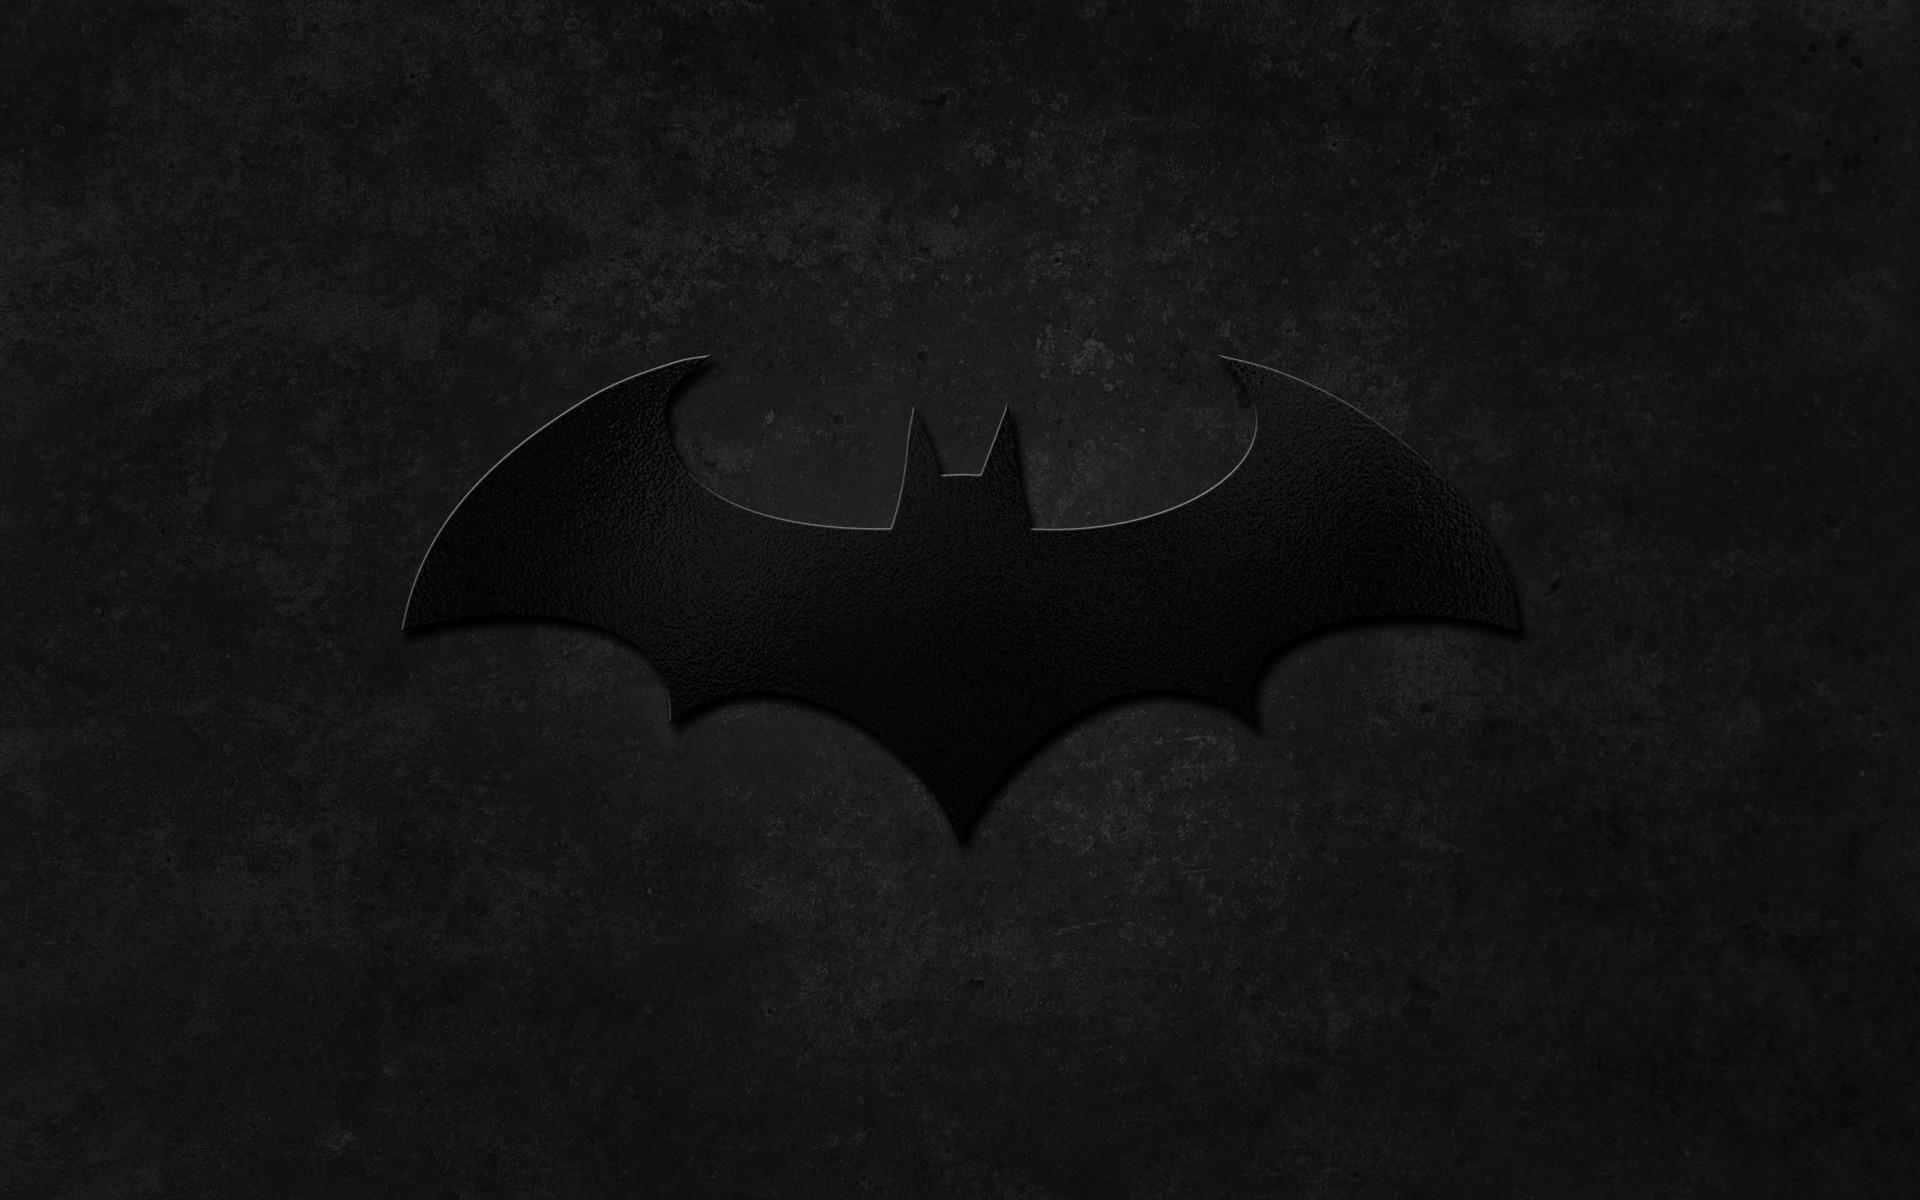 1440x2560 Download Landscape A Portrait 1920x1080 Best Batman Wallpapers Group